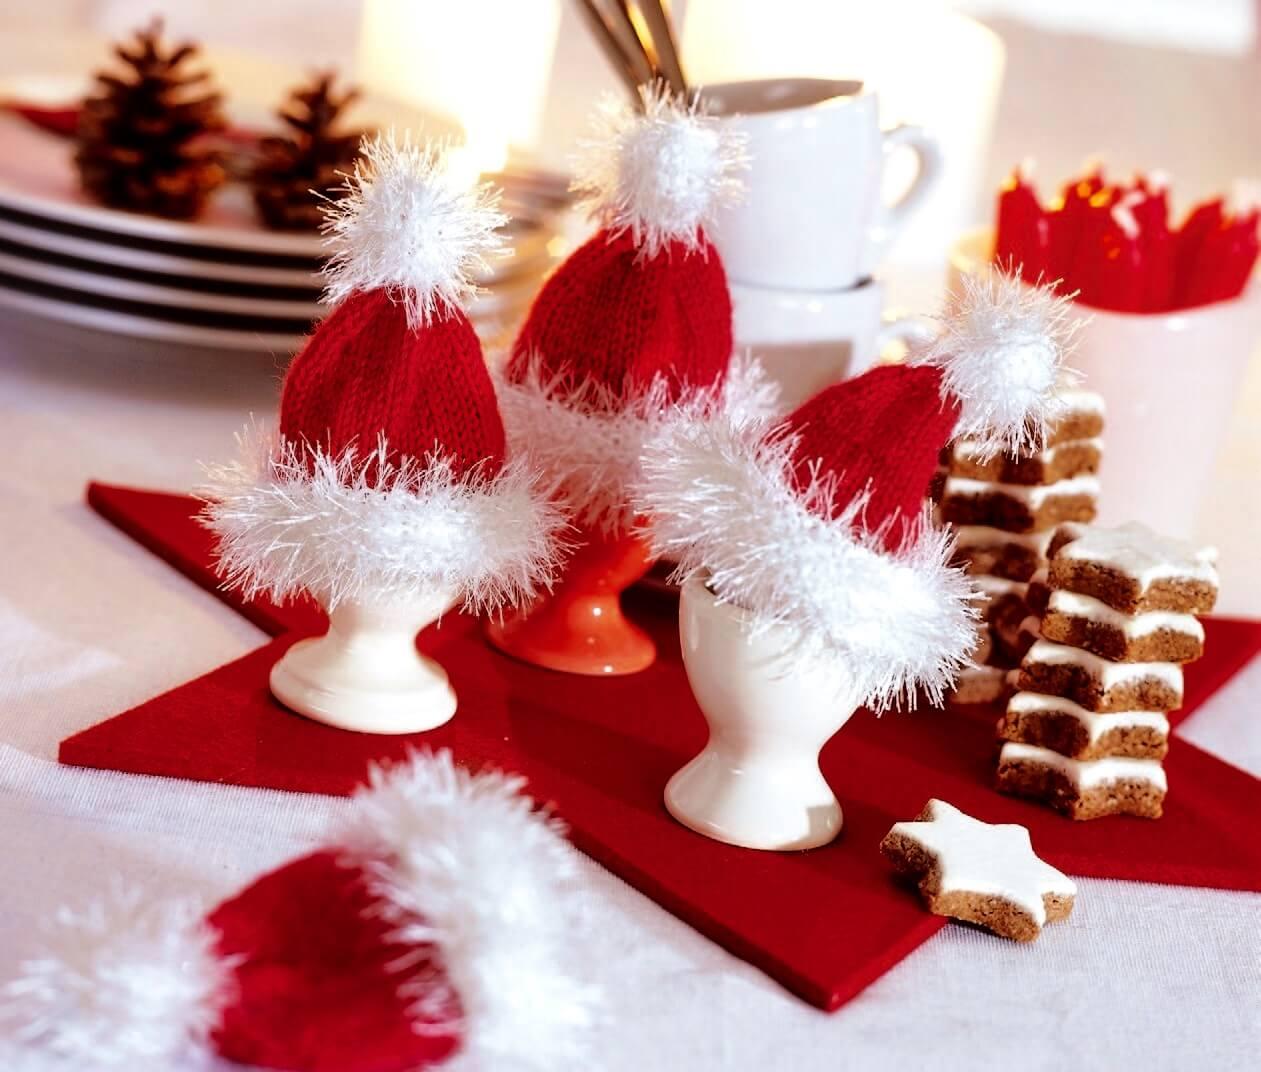 Eierwärmer und Flaschenmütze für die Weihnachtszeit